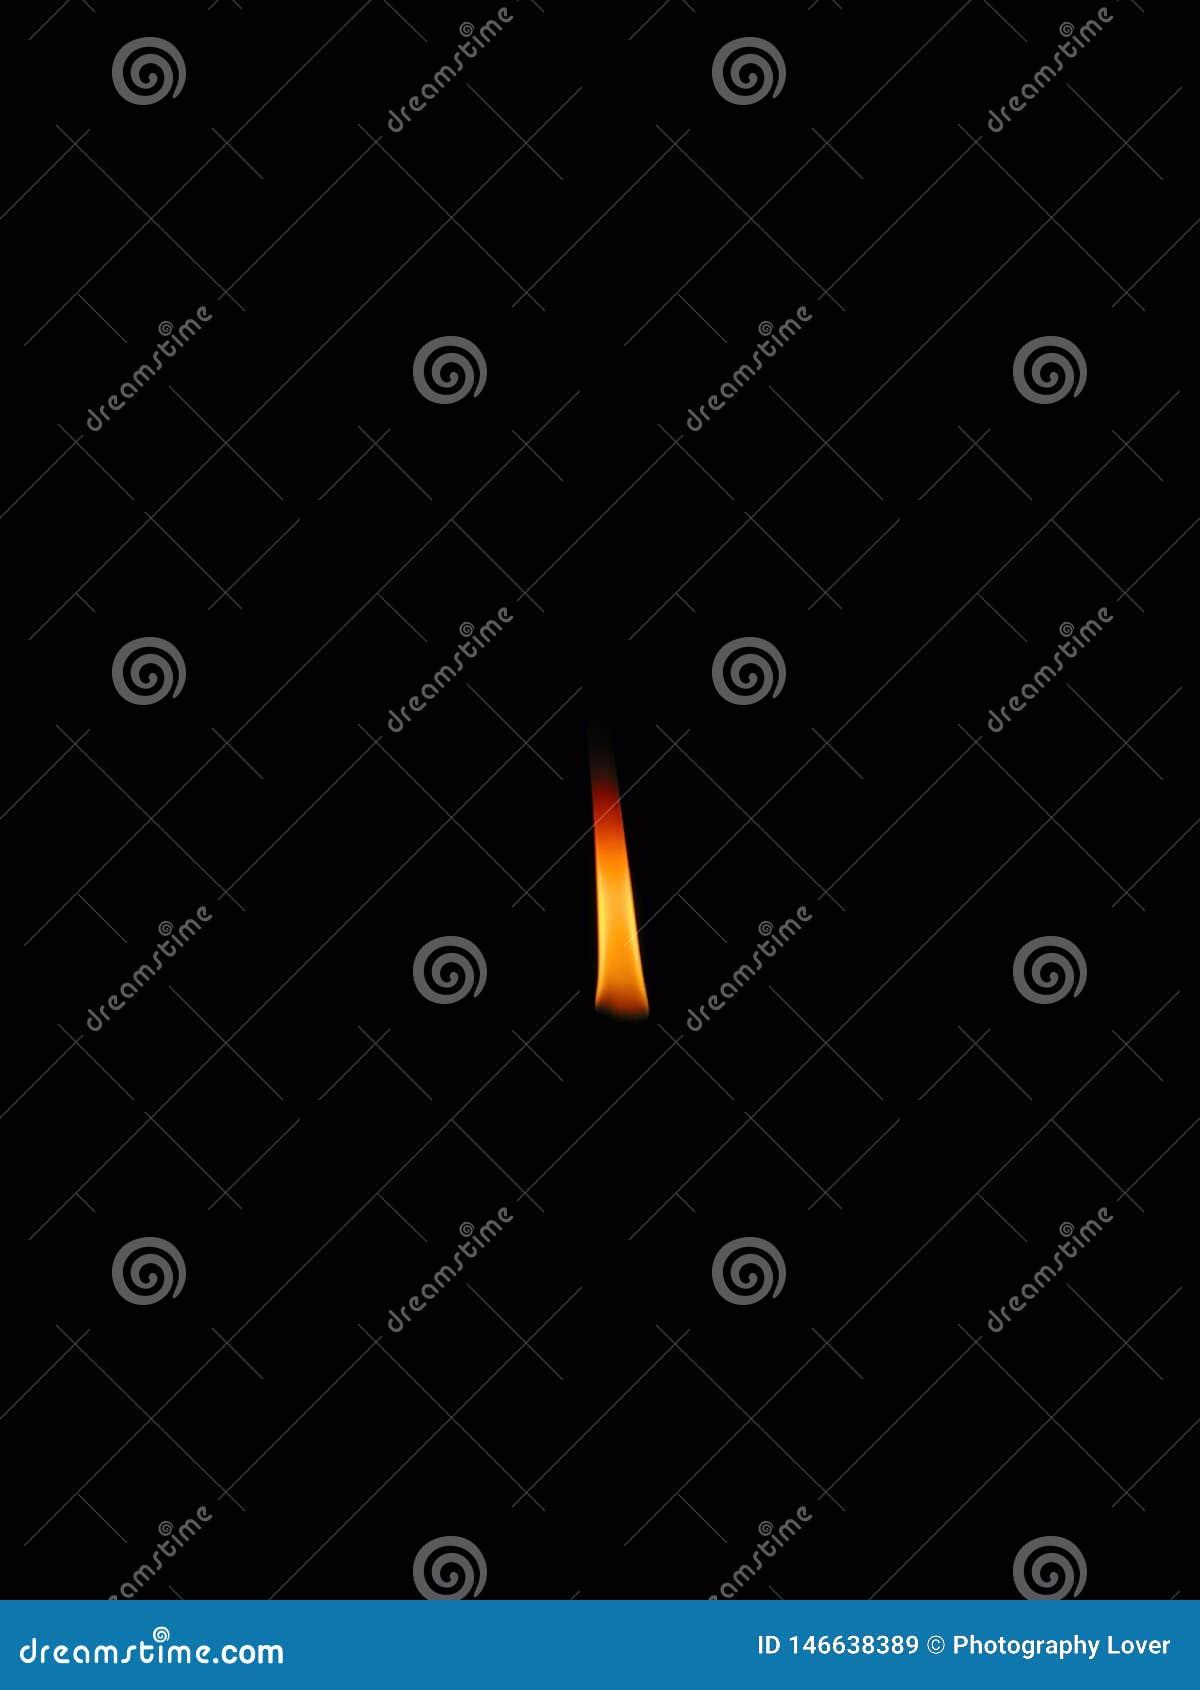 Lampvlam wanneer de elektriciteit verliest